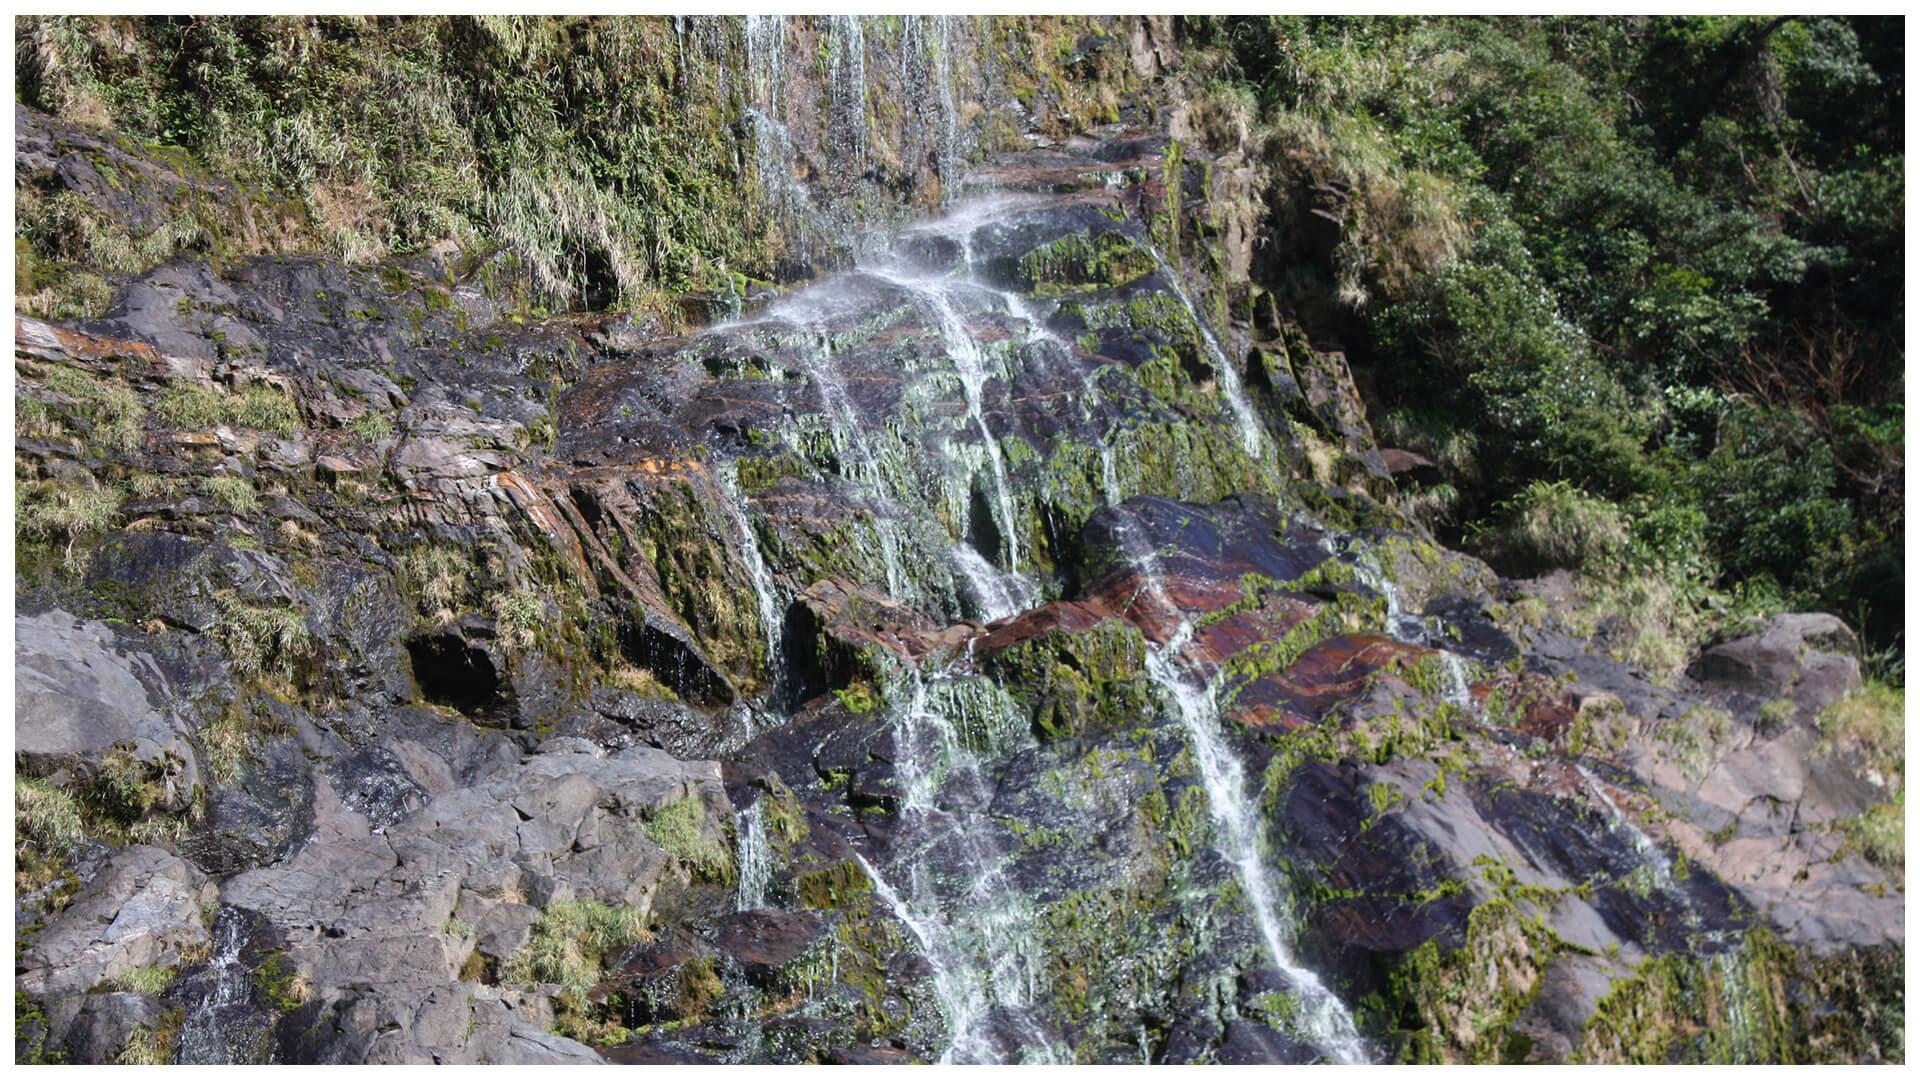 滝の飛沫に濡れる苔類